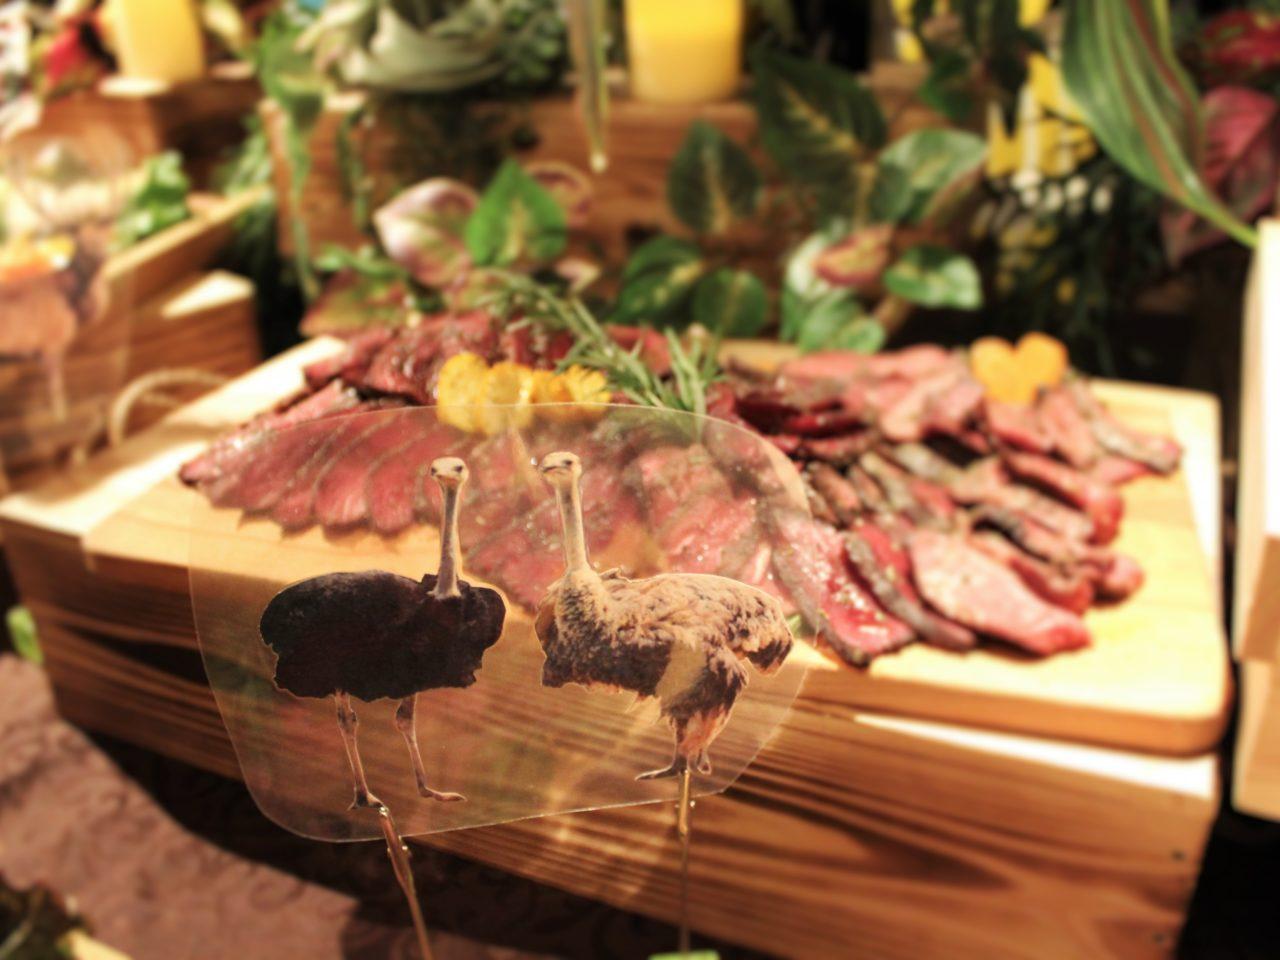 木のテーブルの上に肉がのっており、手前にダチョウのオブジェがある写真